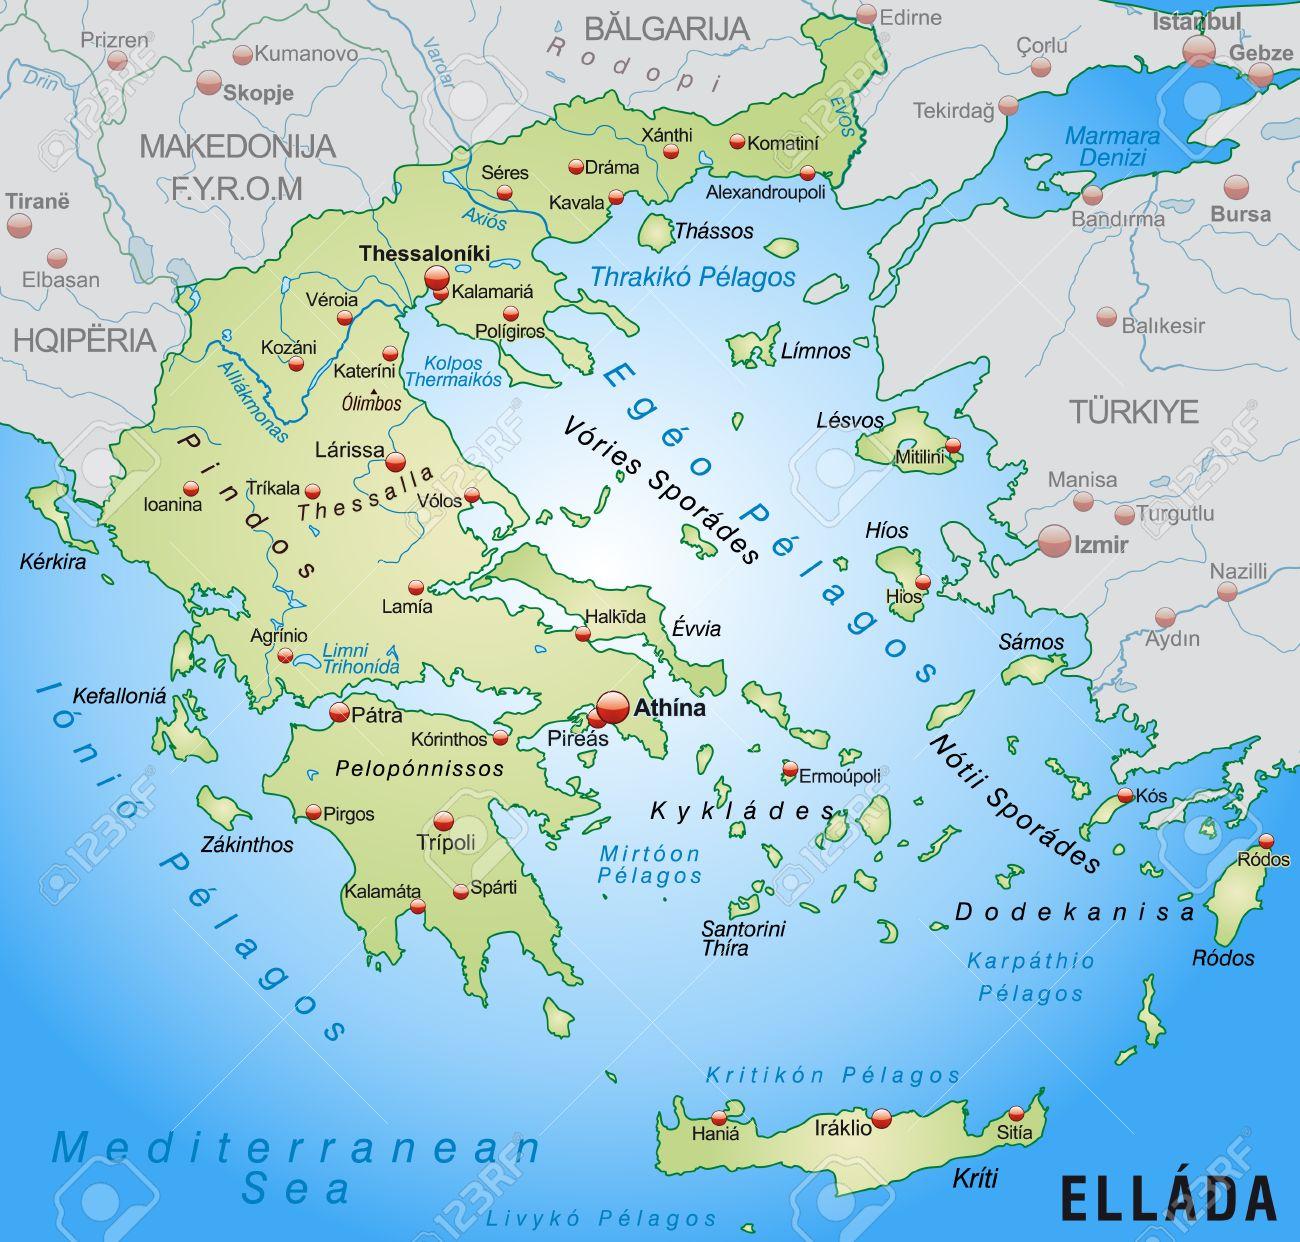 Karte Griechenland Deutsch.Stock Photo